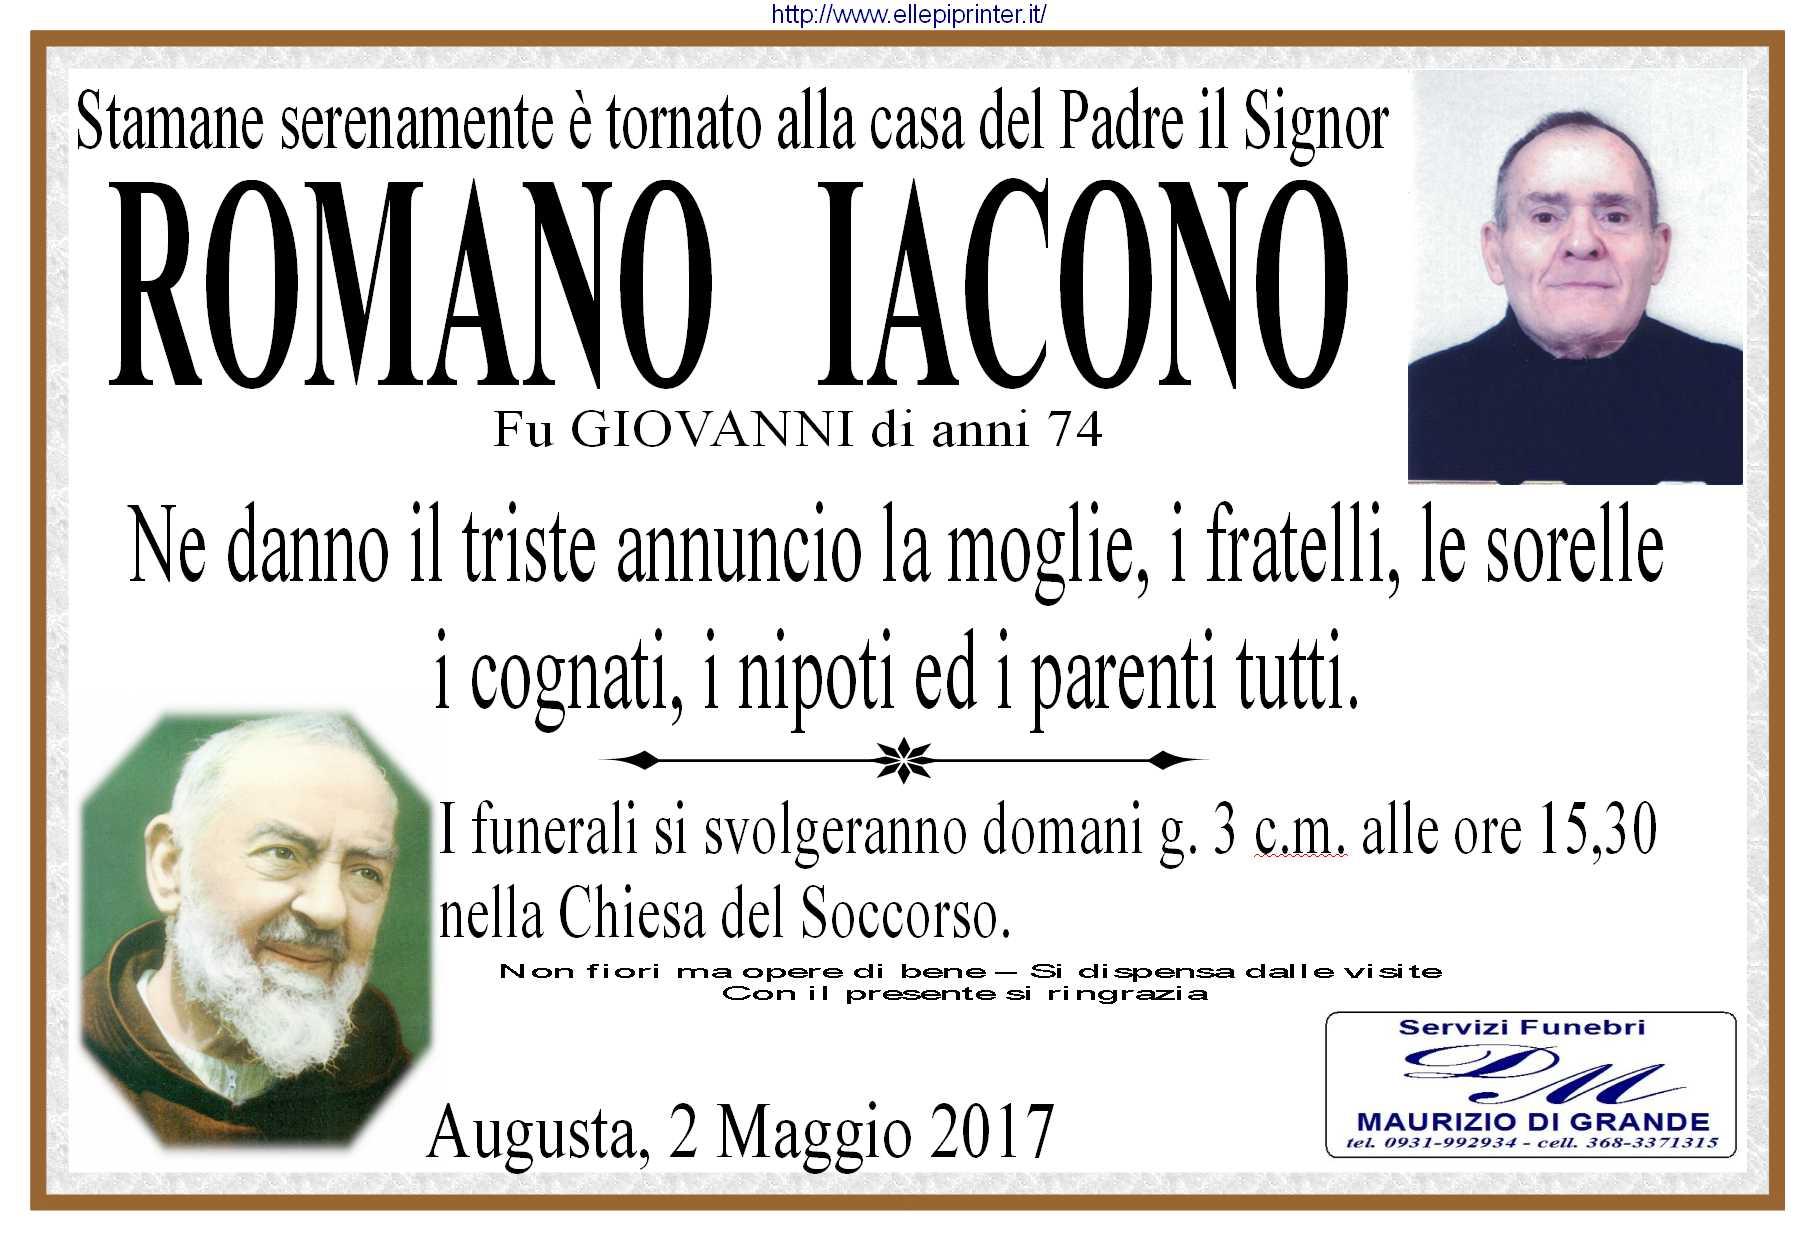 romano iacono1